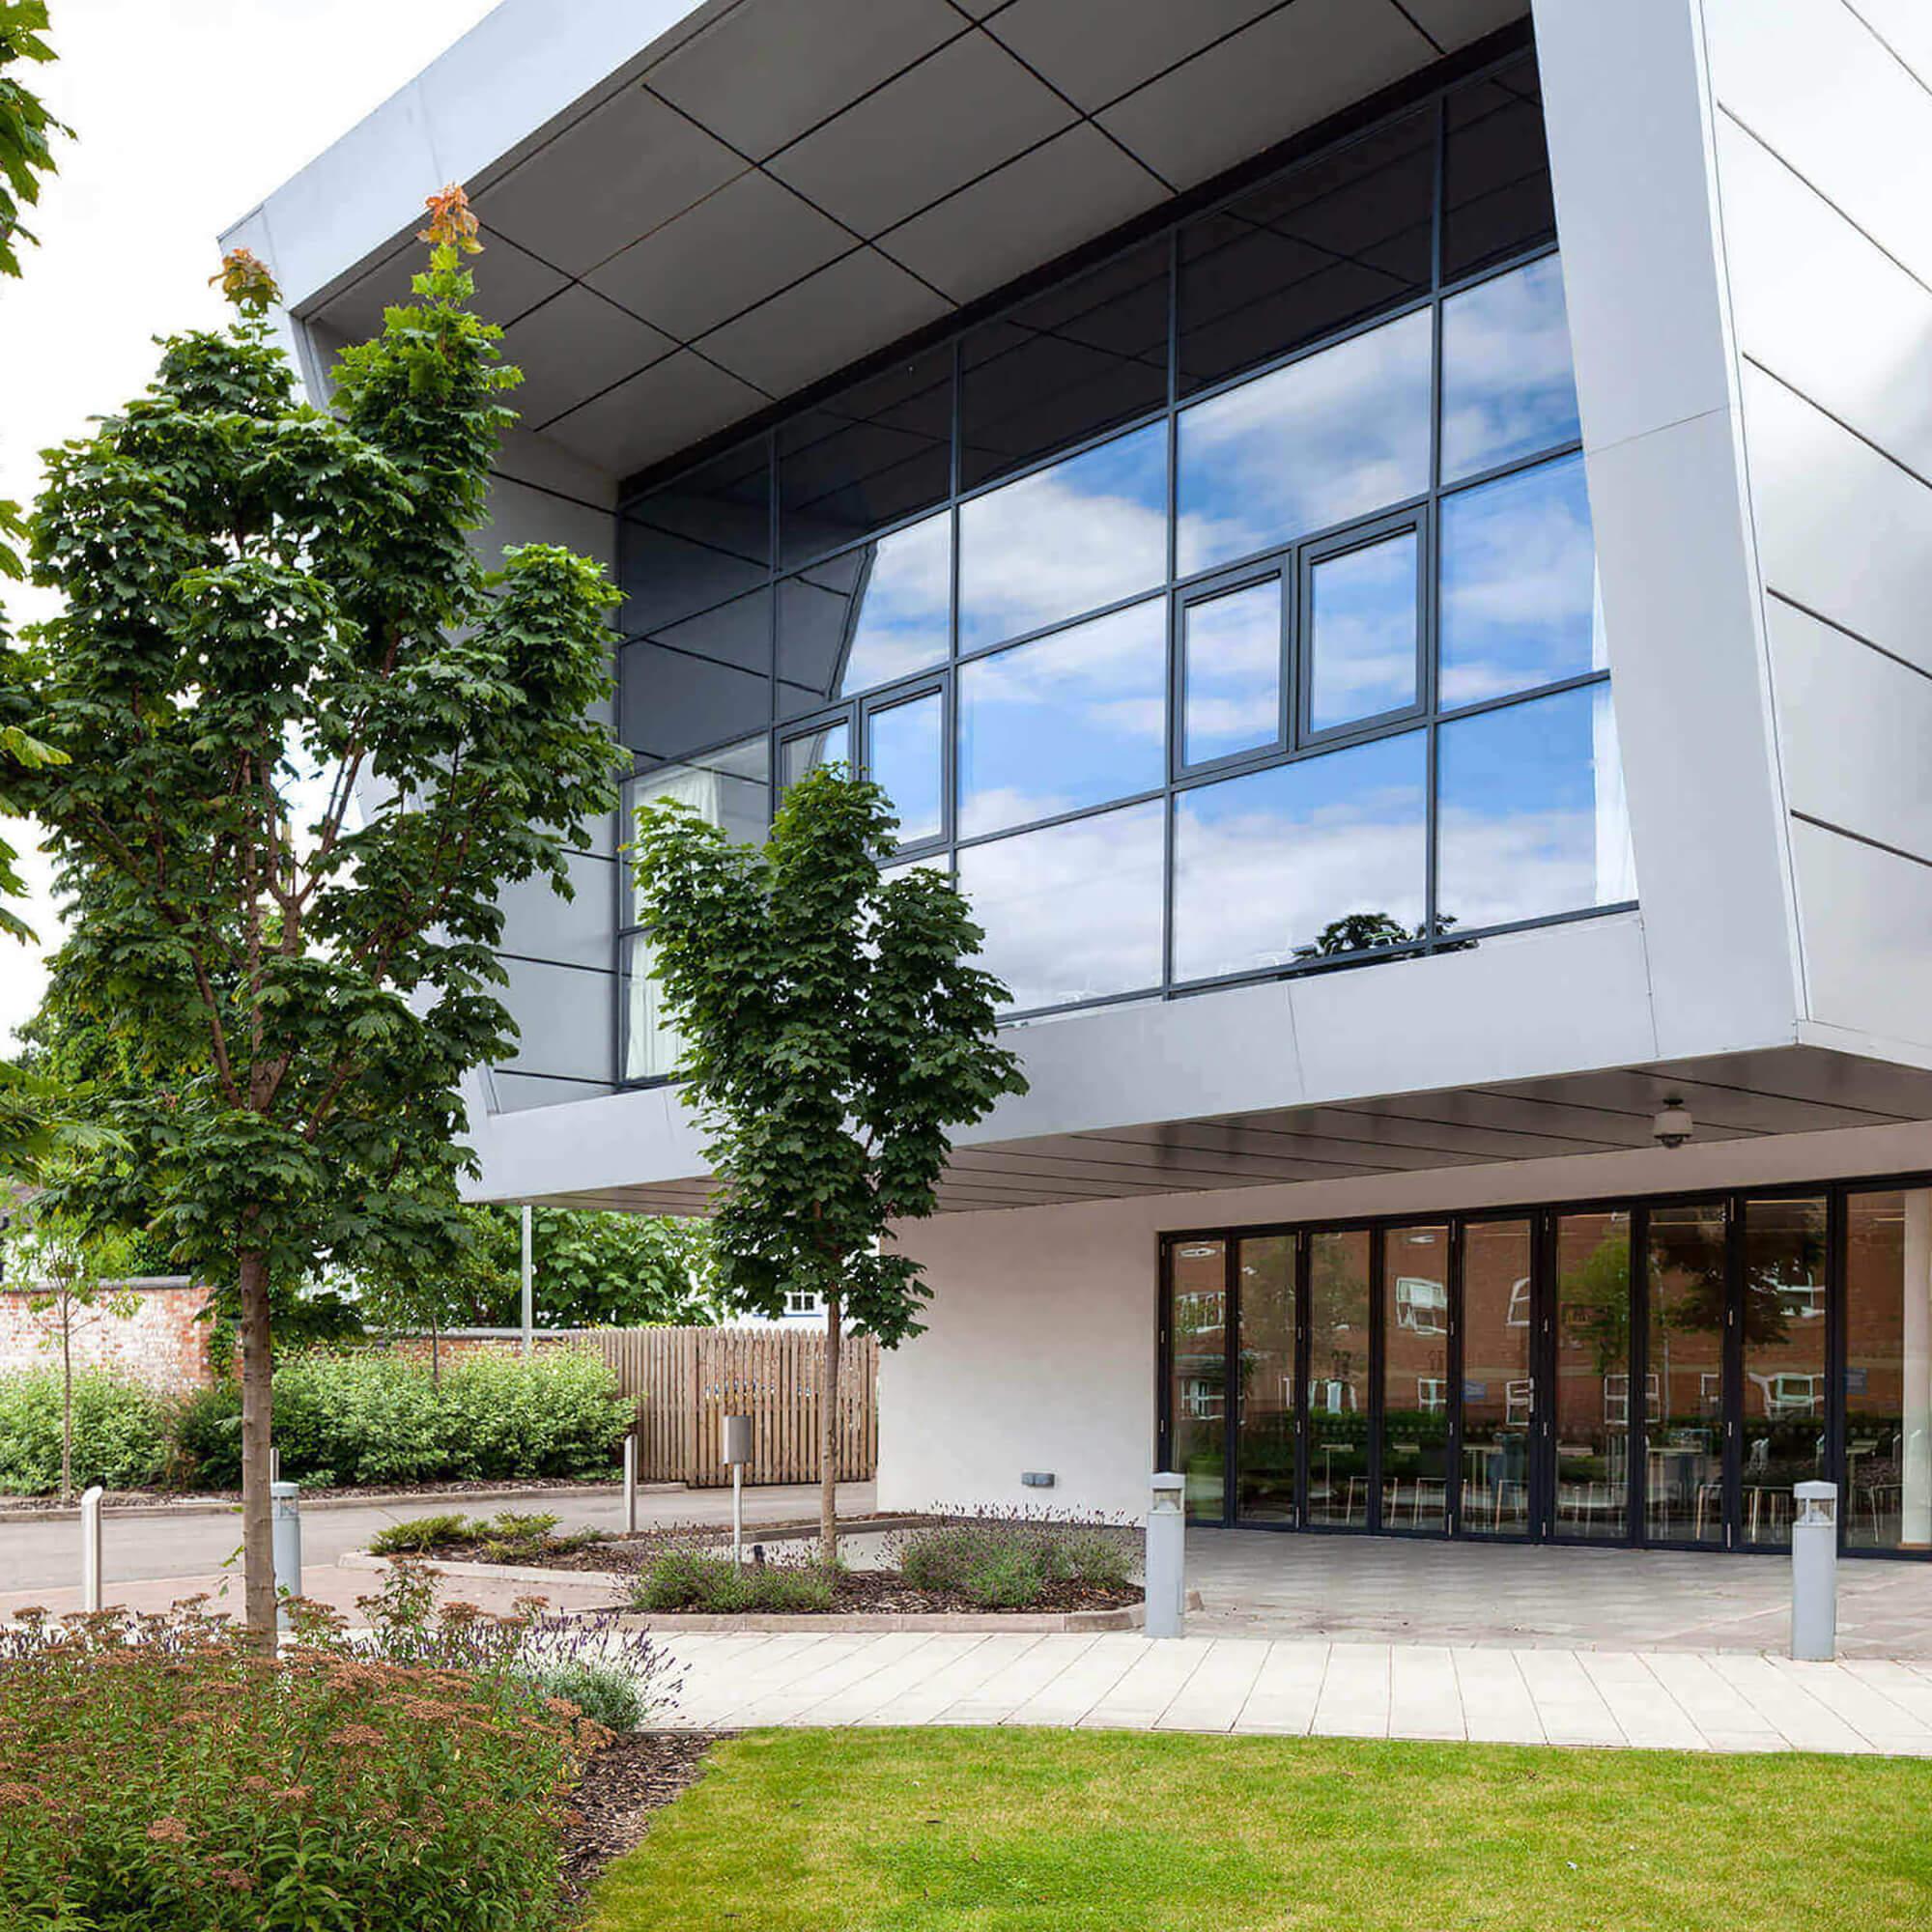 The University of Derby's Enterprise Centre